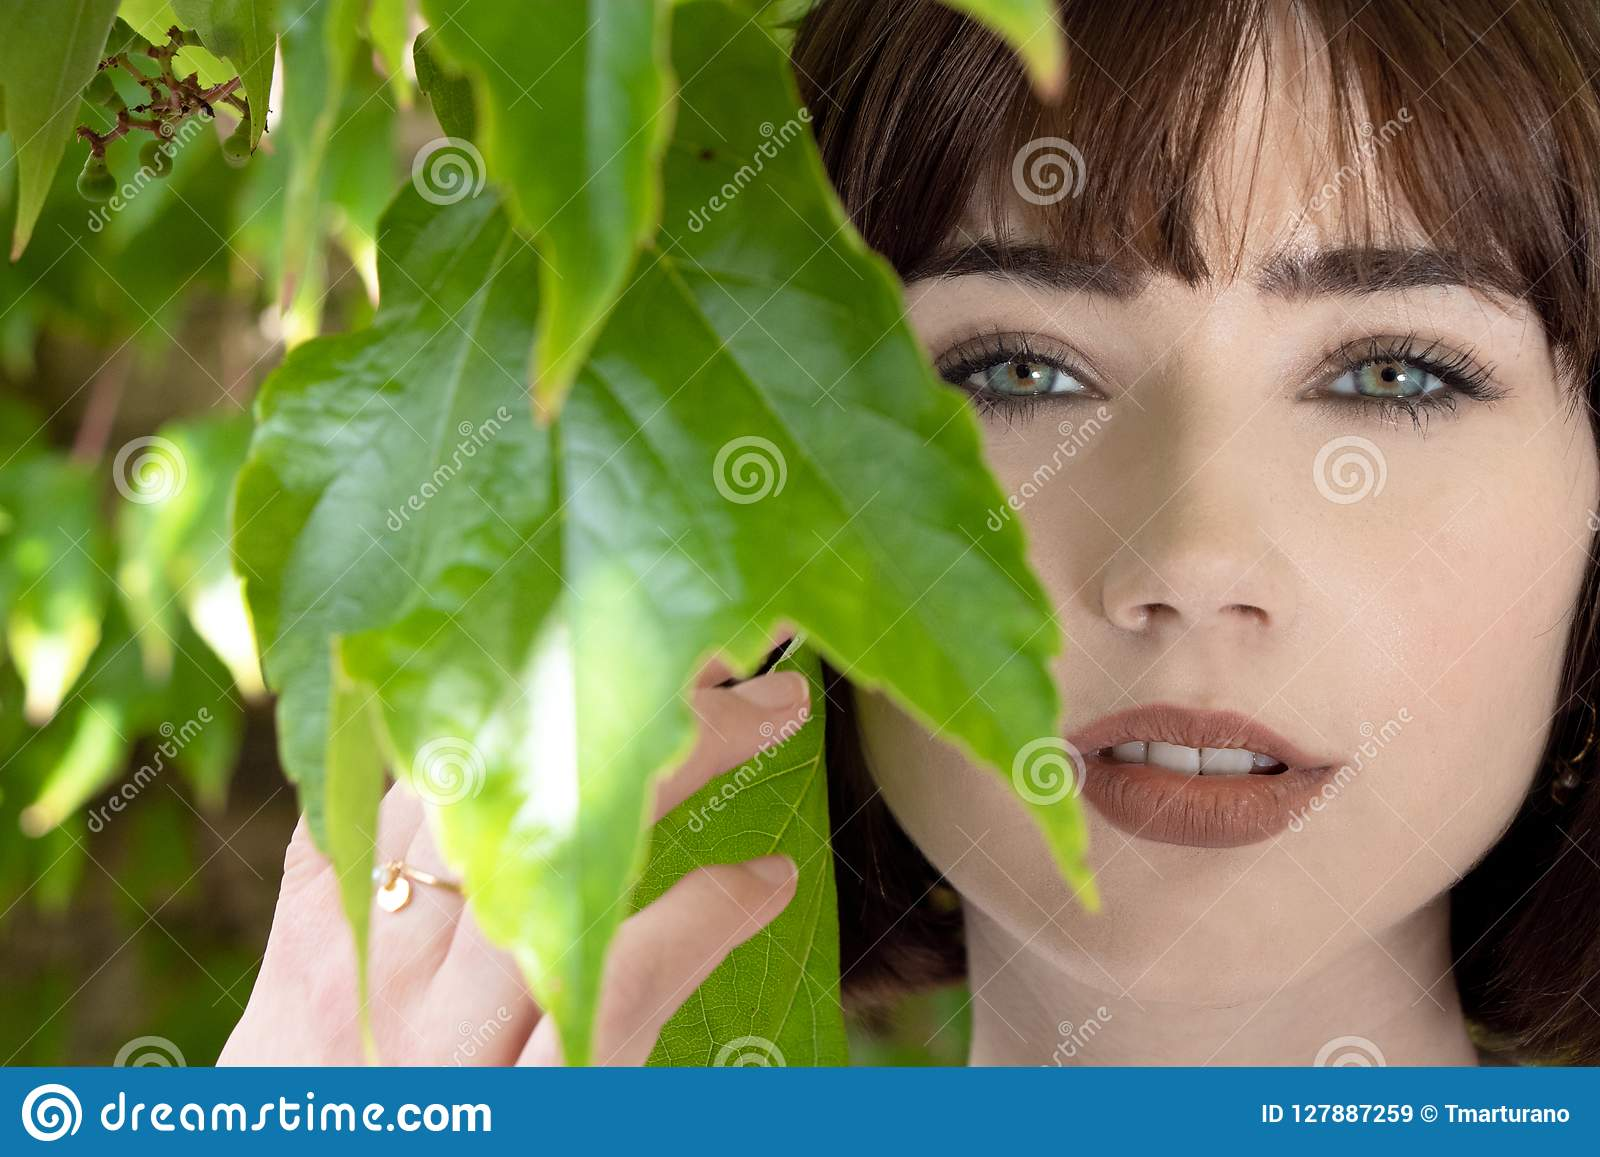 Beautiful woman behind green leaves looking at camera